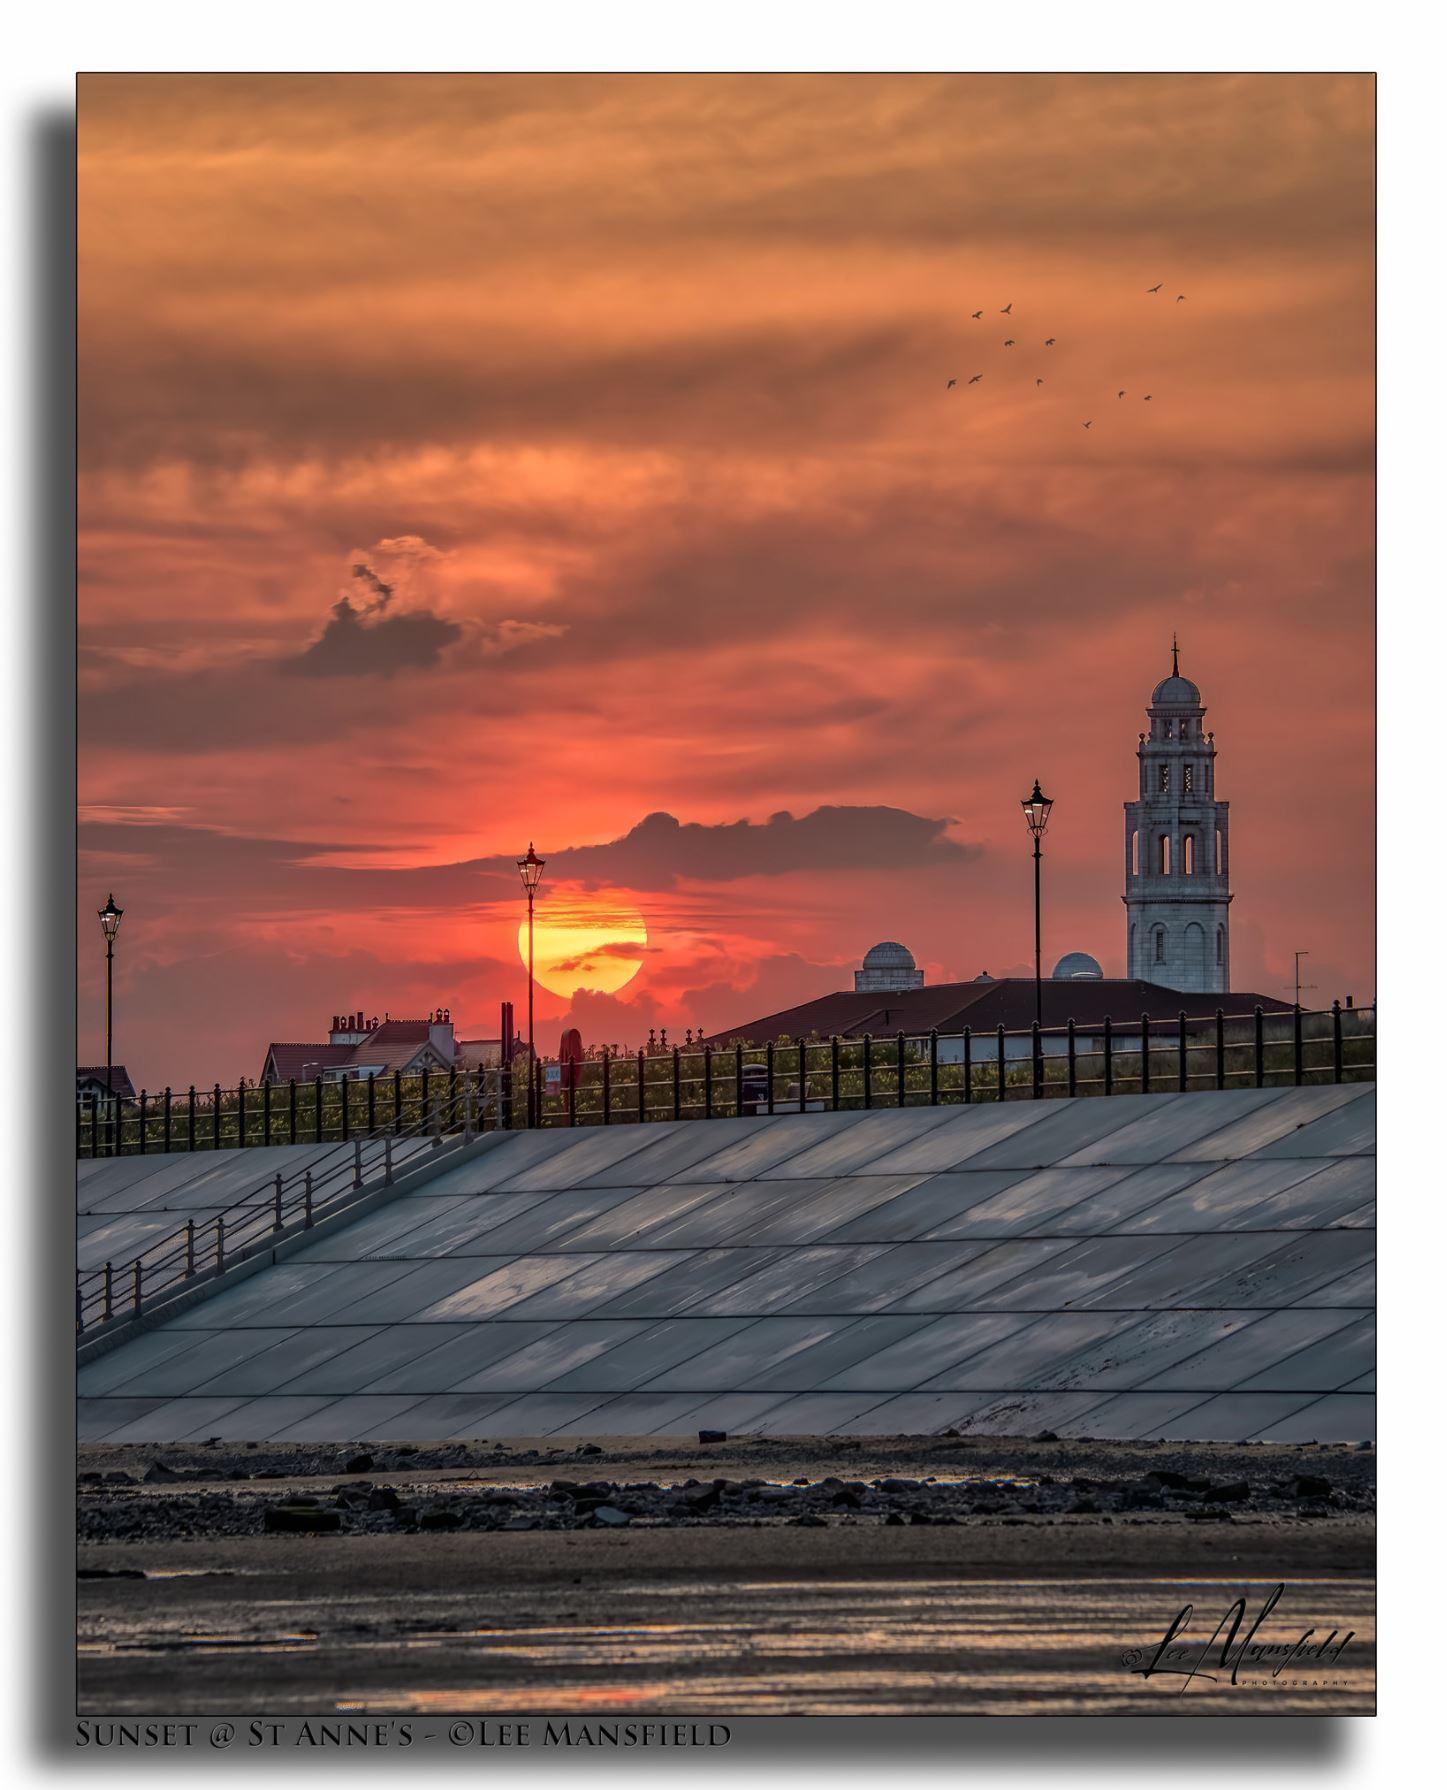 Sunset at Fairhaven